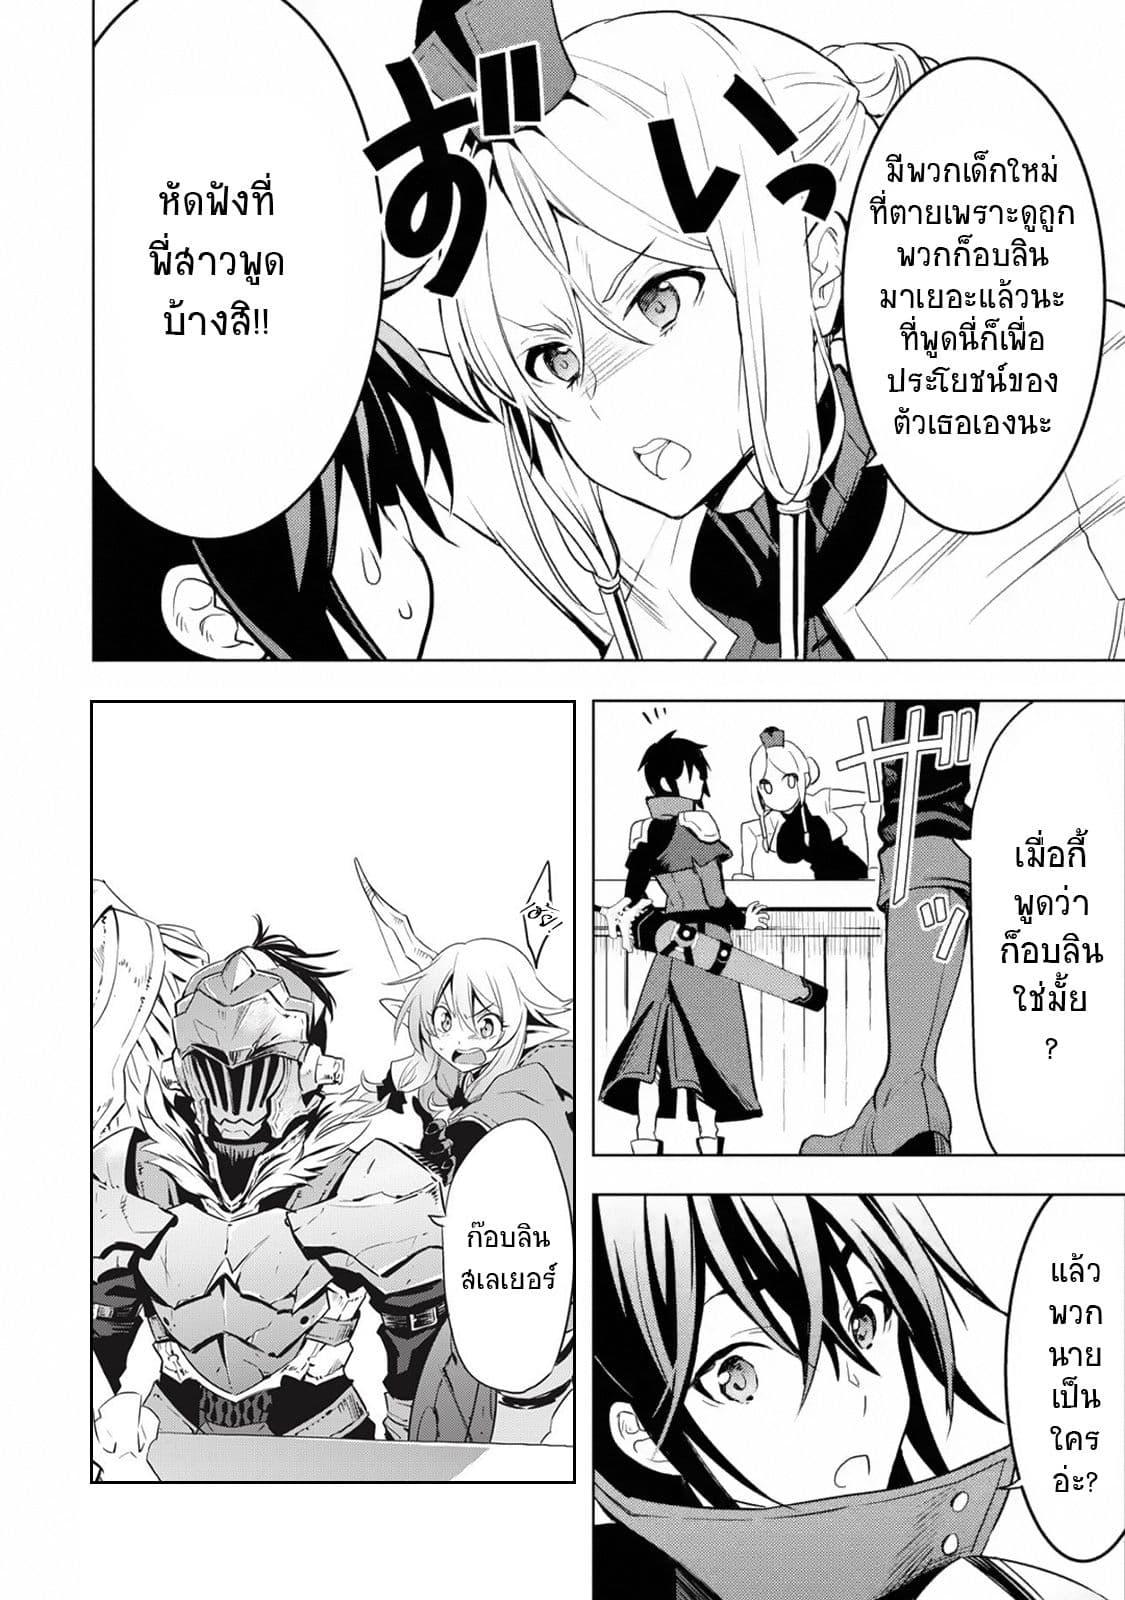 อ่านการ์ตูน Koko wa Ore ni Makasete Saki ni Ike to Itte kara 10 Nen ga Tattara Densetsu ni Natteita ตอนที่ 2 หน้าที่ 52